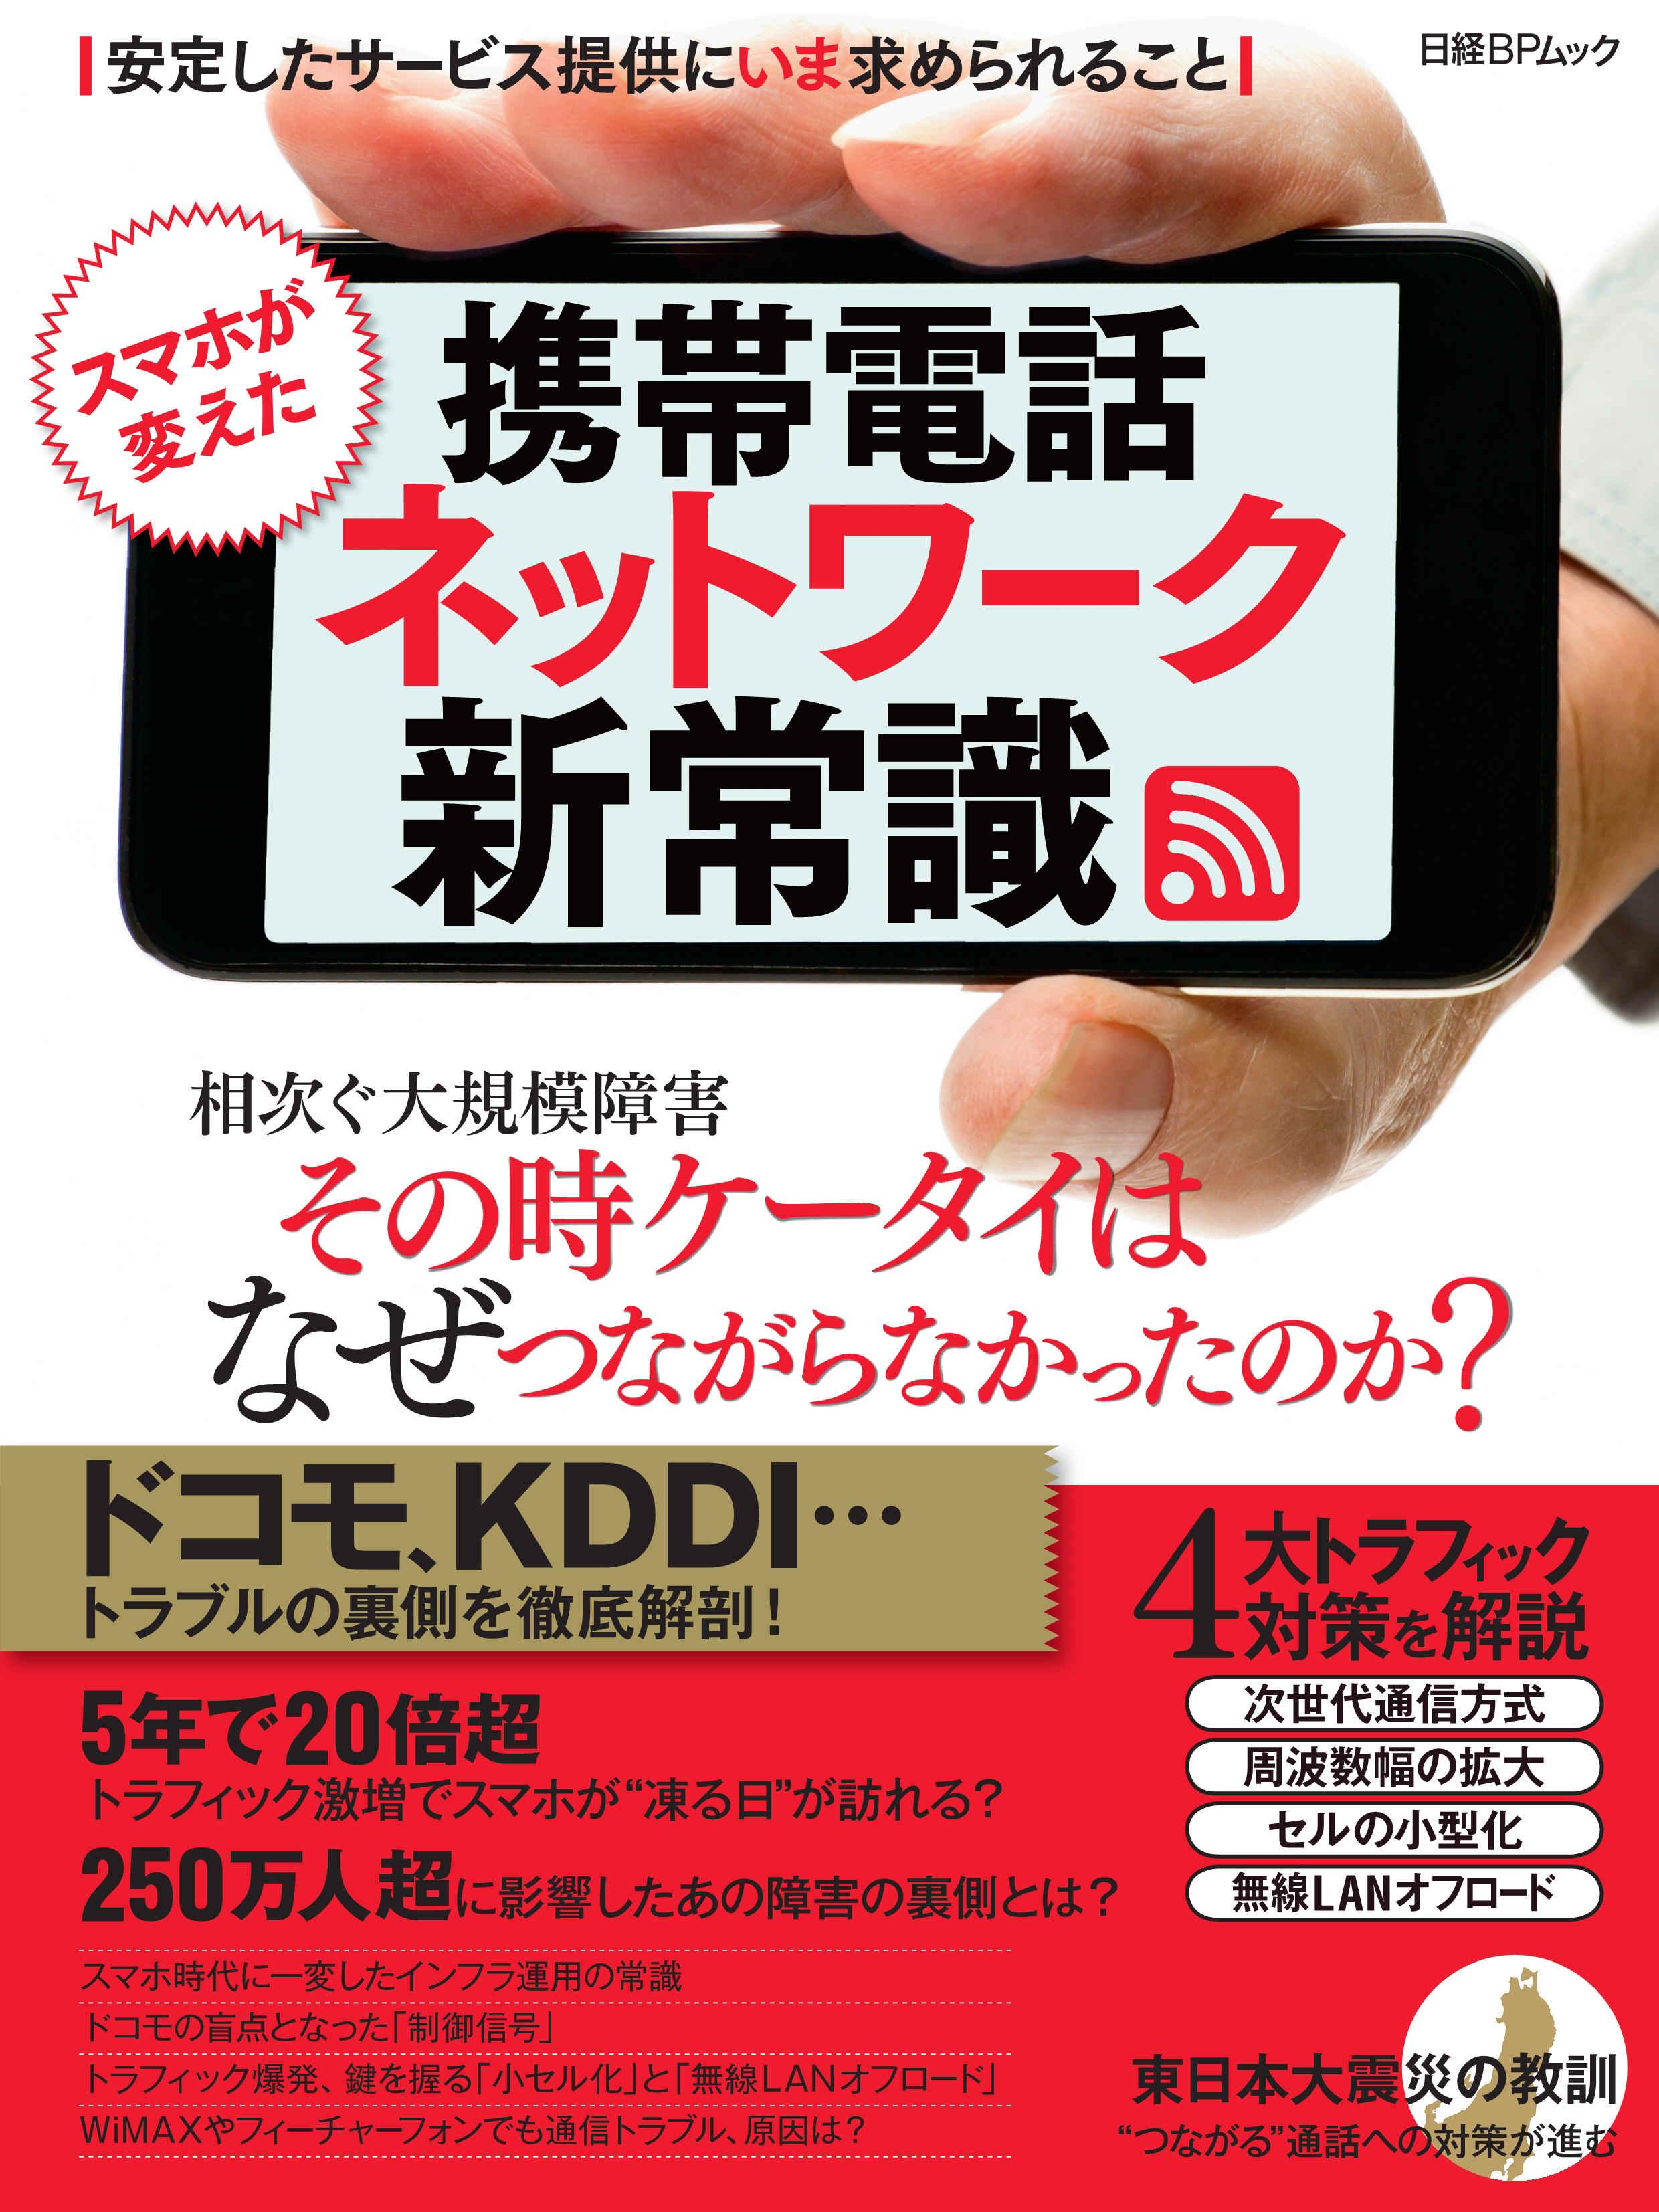 スマホが変えた 携帯電話ネットワーク新常識